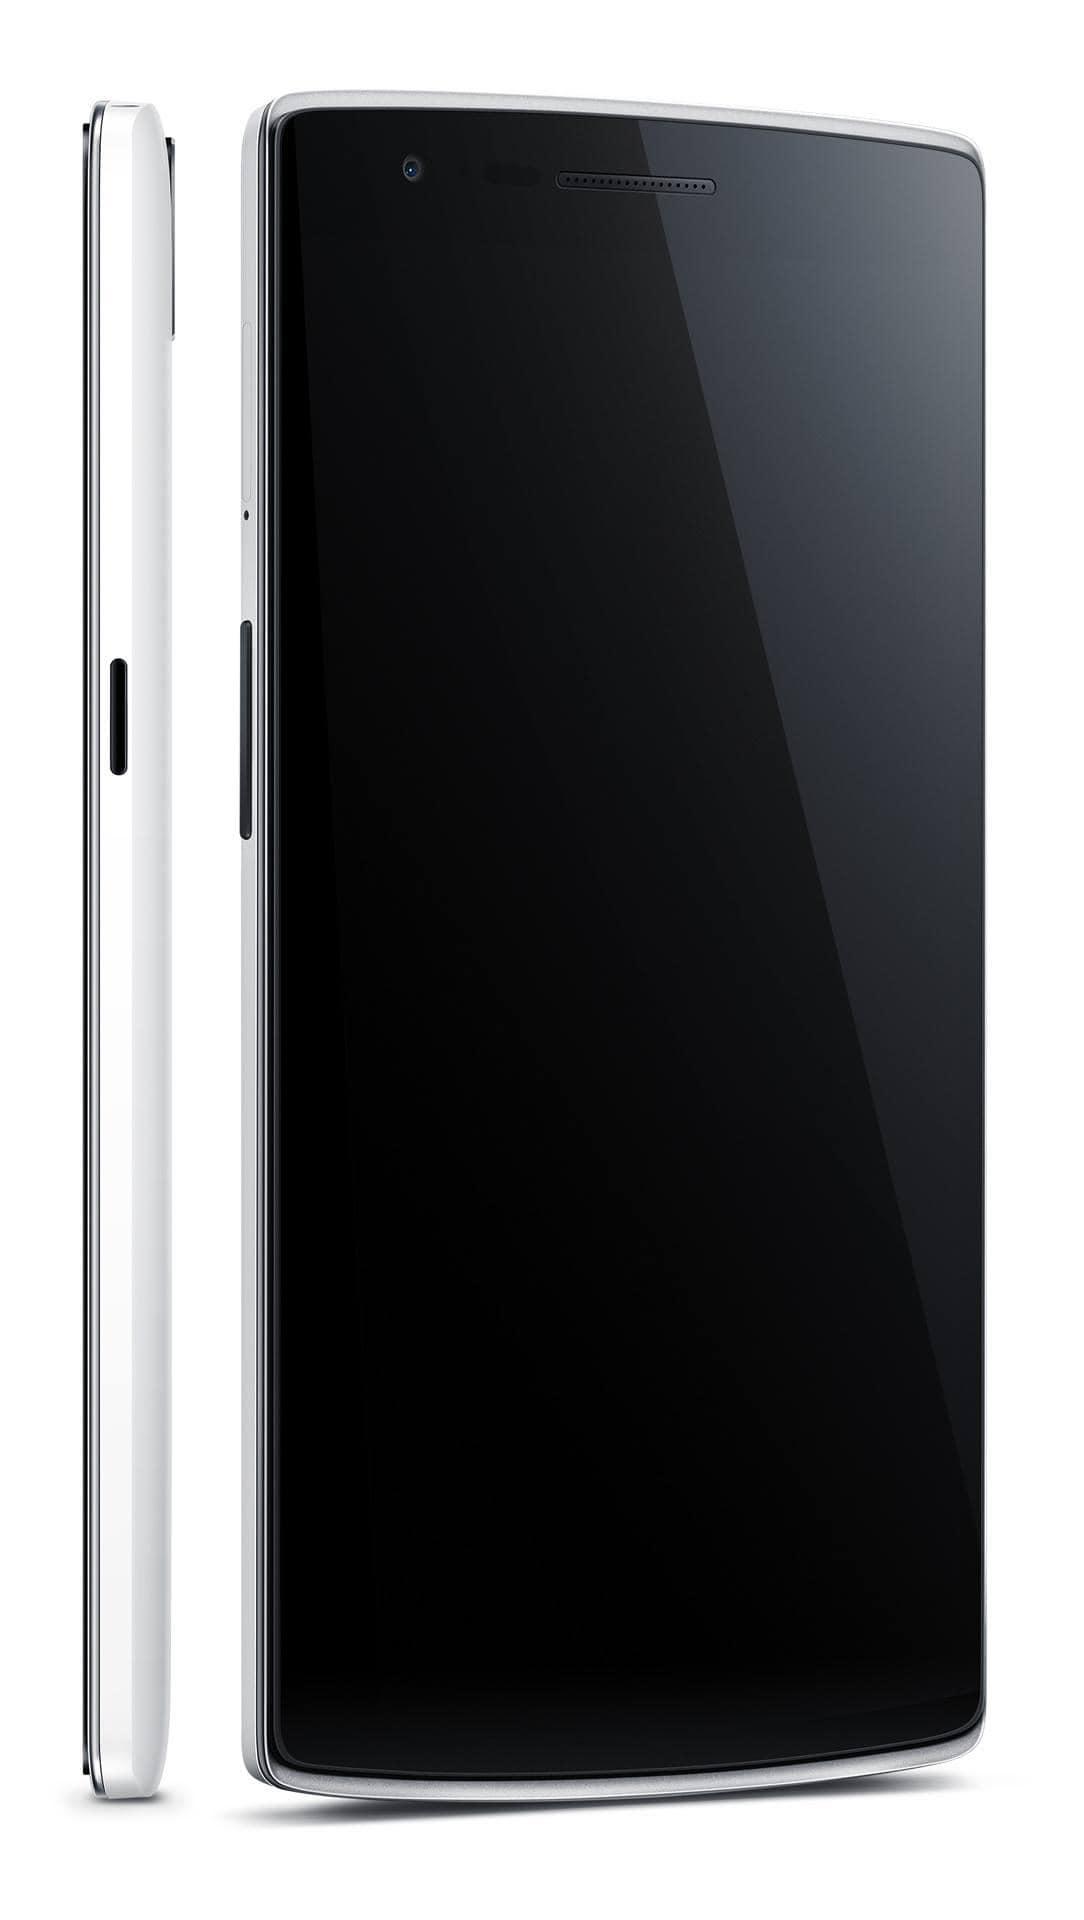 Die Abmessung des OnePlus One betragen 152,9 x 75,9 x 8,9 mm.